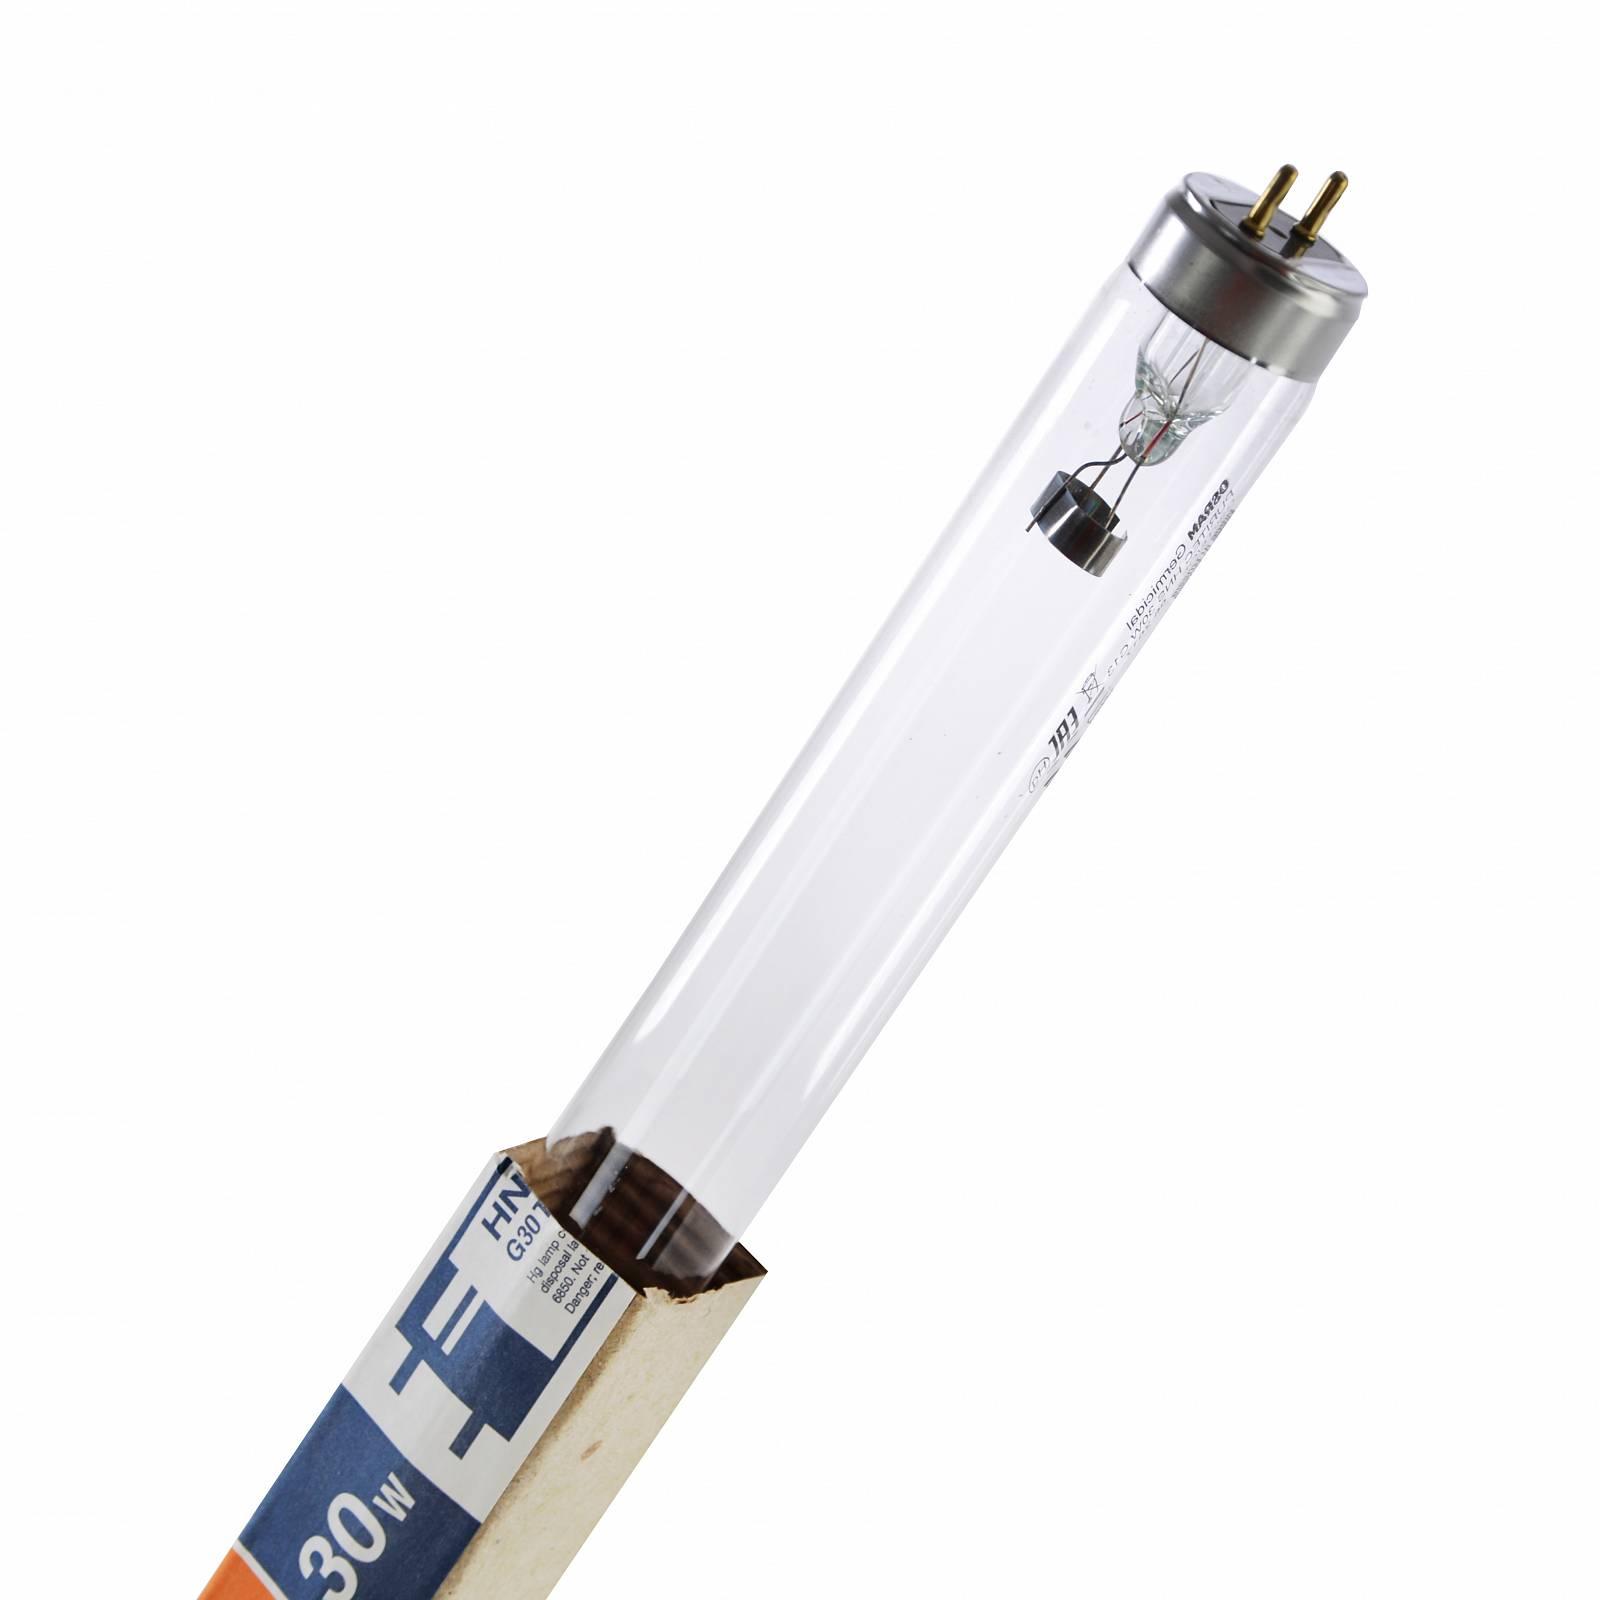 LAMPADA OSRAM UV-C GERMICIDAL PURITEC HNS 30W G13